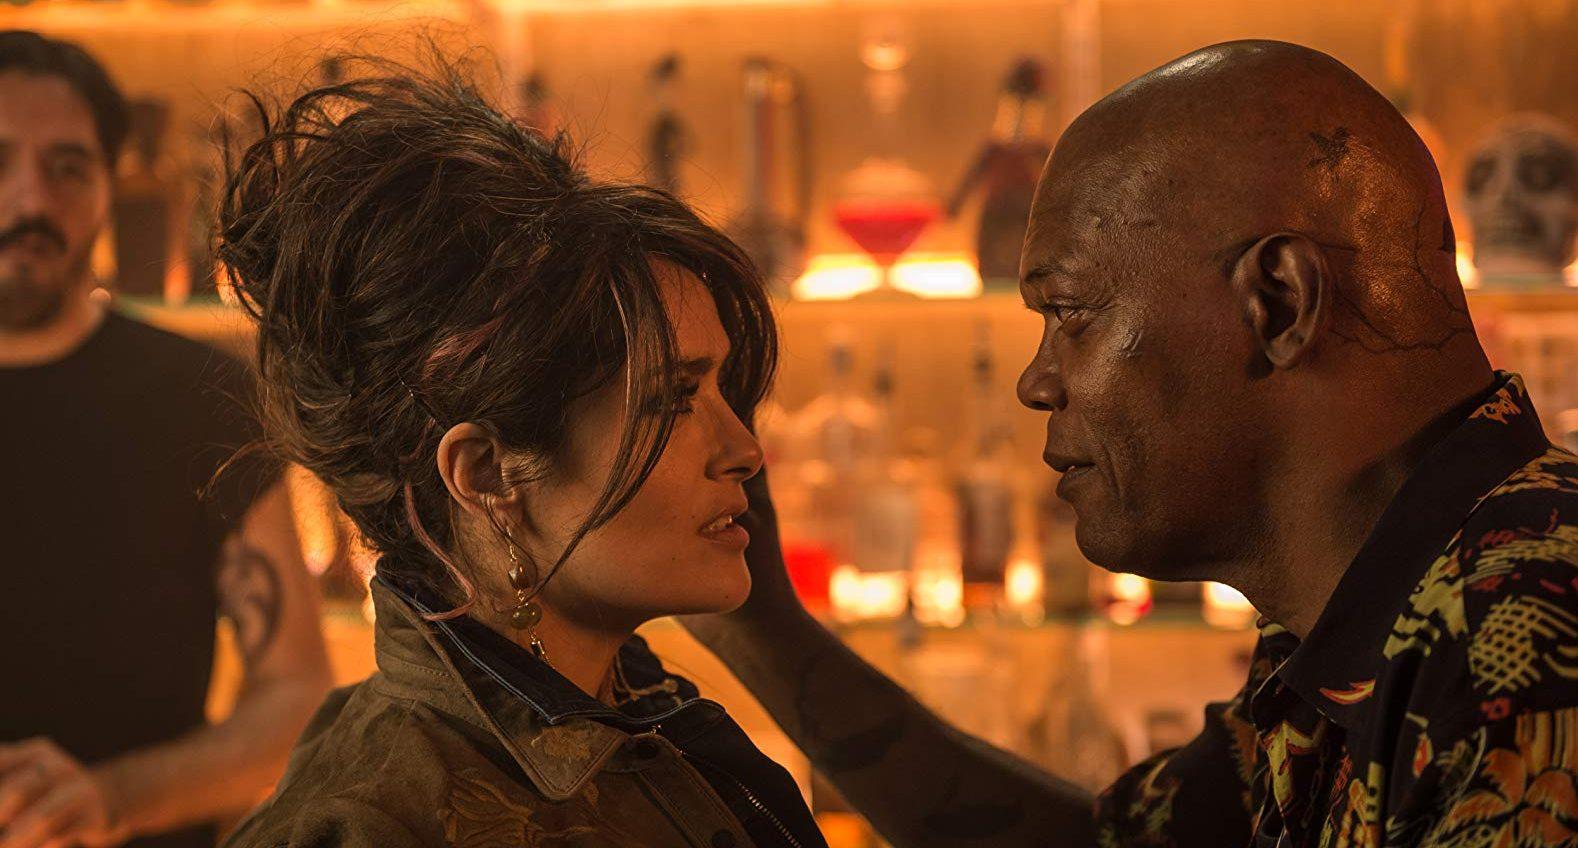 Dupla Explosiva 2 ganha novo trailer com Ryan Reynolds e Samuel L. Jackson